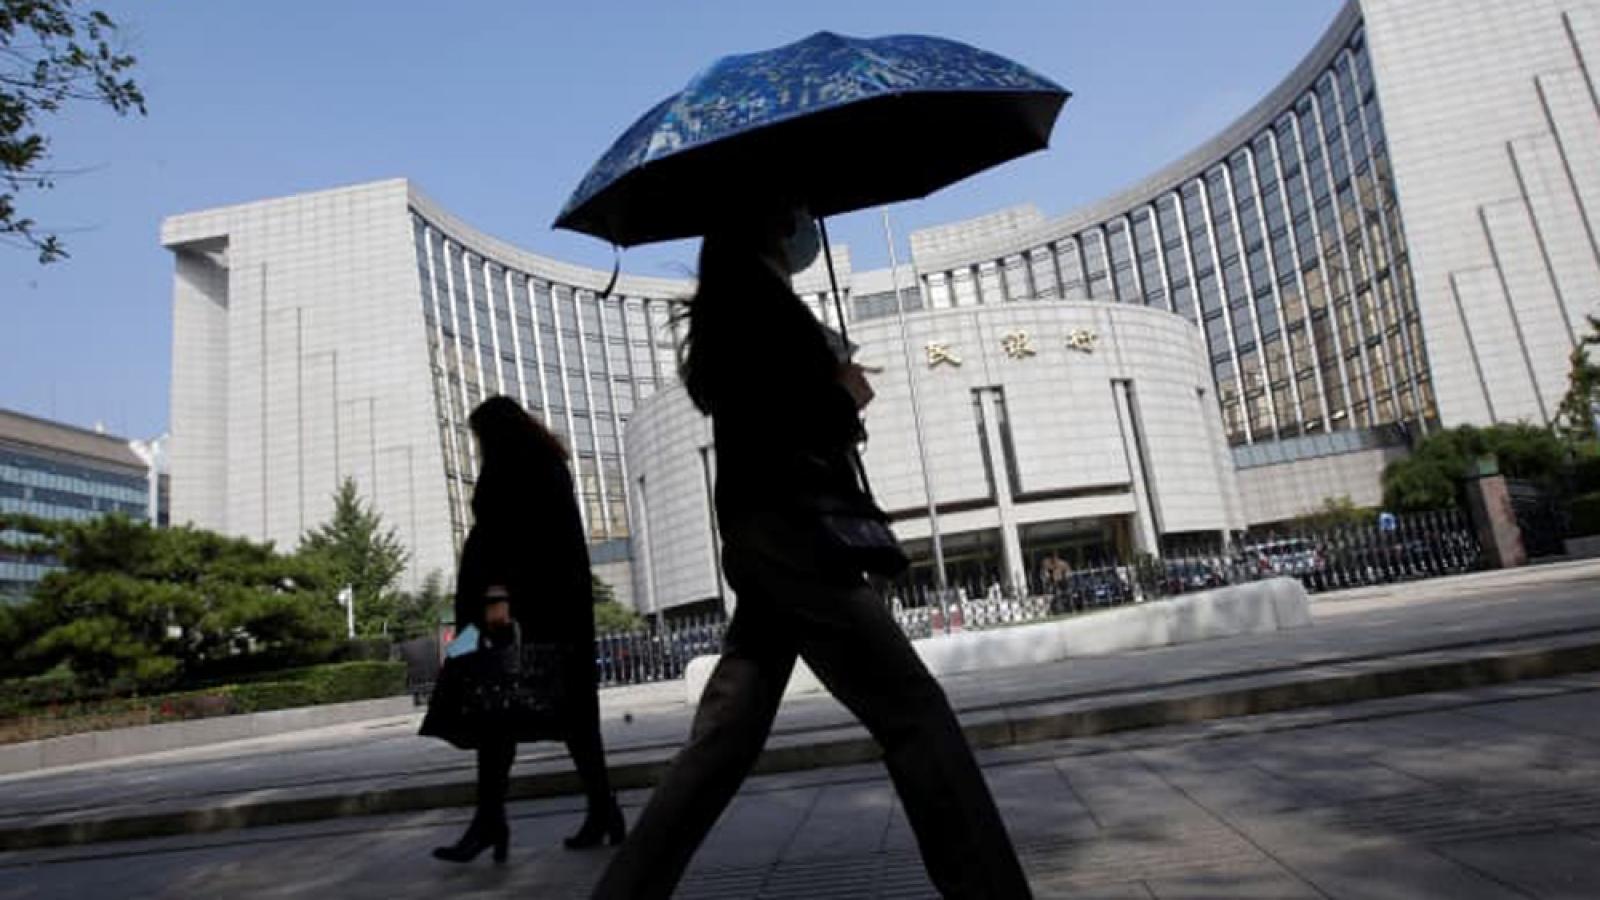 Ngân hàng trung ương Trung Quốc cảnh báo về rủi ro tài chính, nguy cơ vỡ nợ